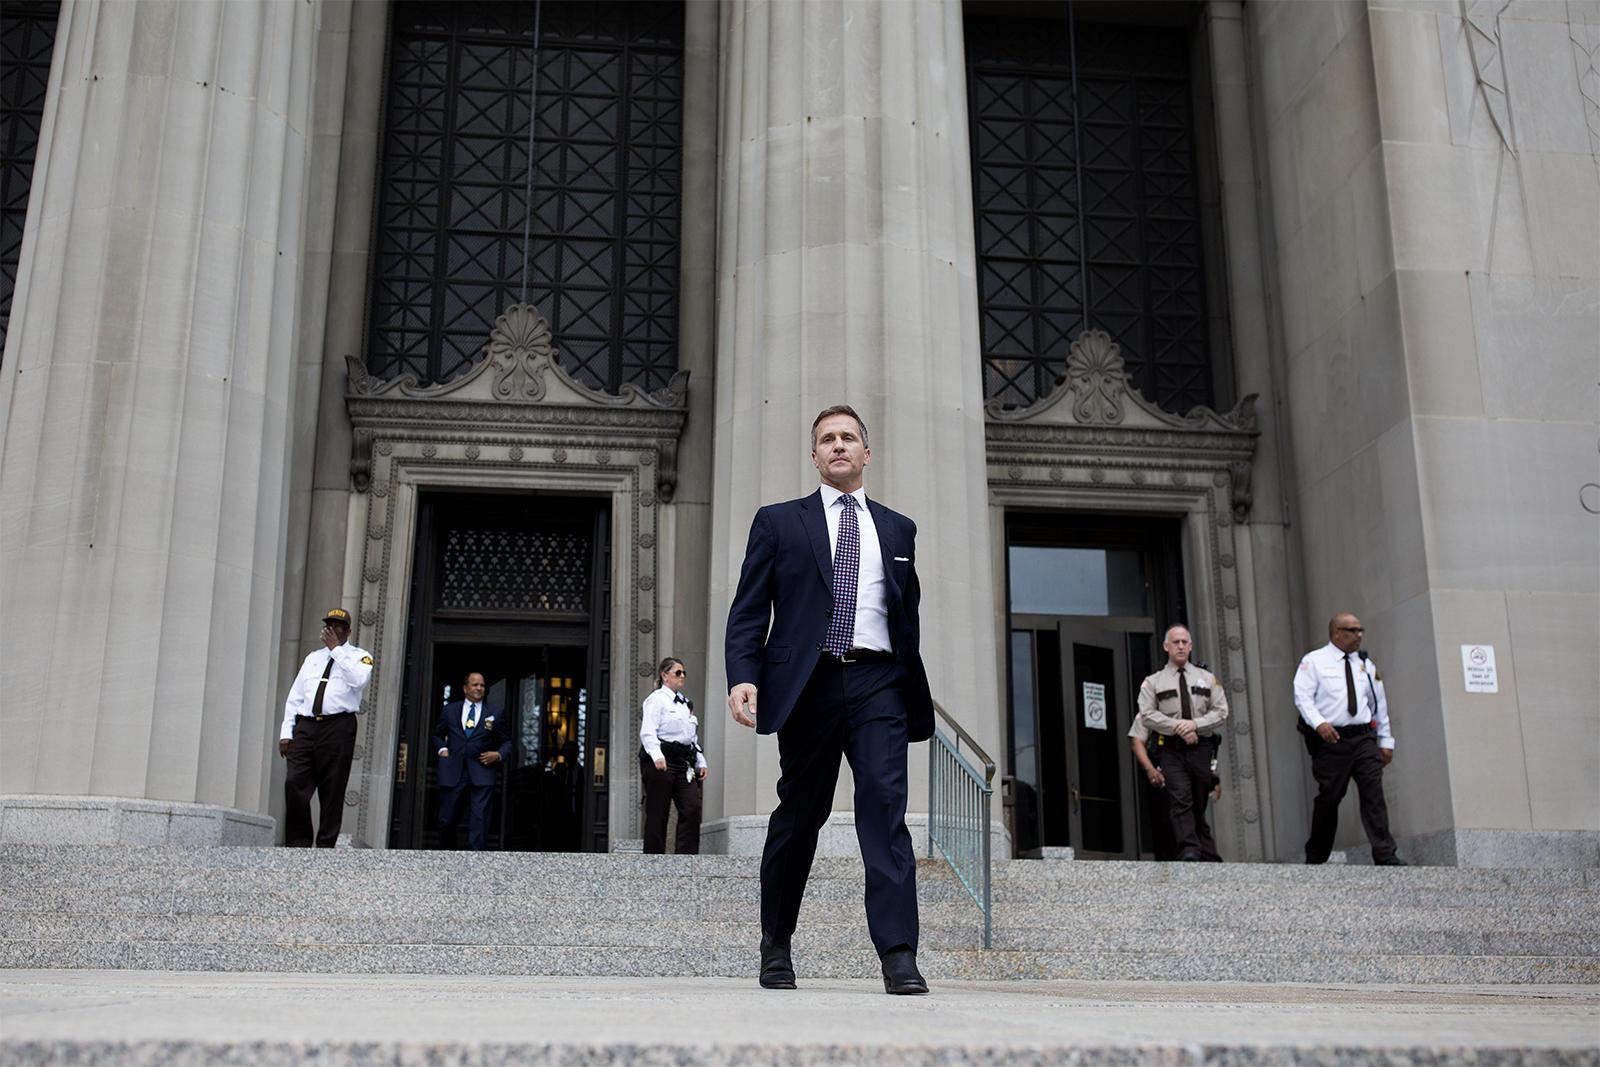 Hasil gambar untuk St. Louis prosecutor drops charge against Missouri Gov. Eric Greitens